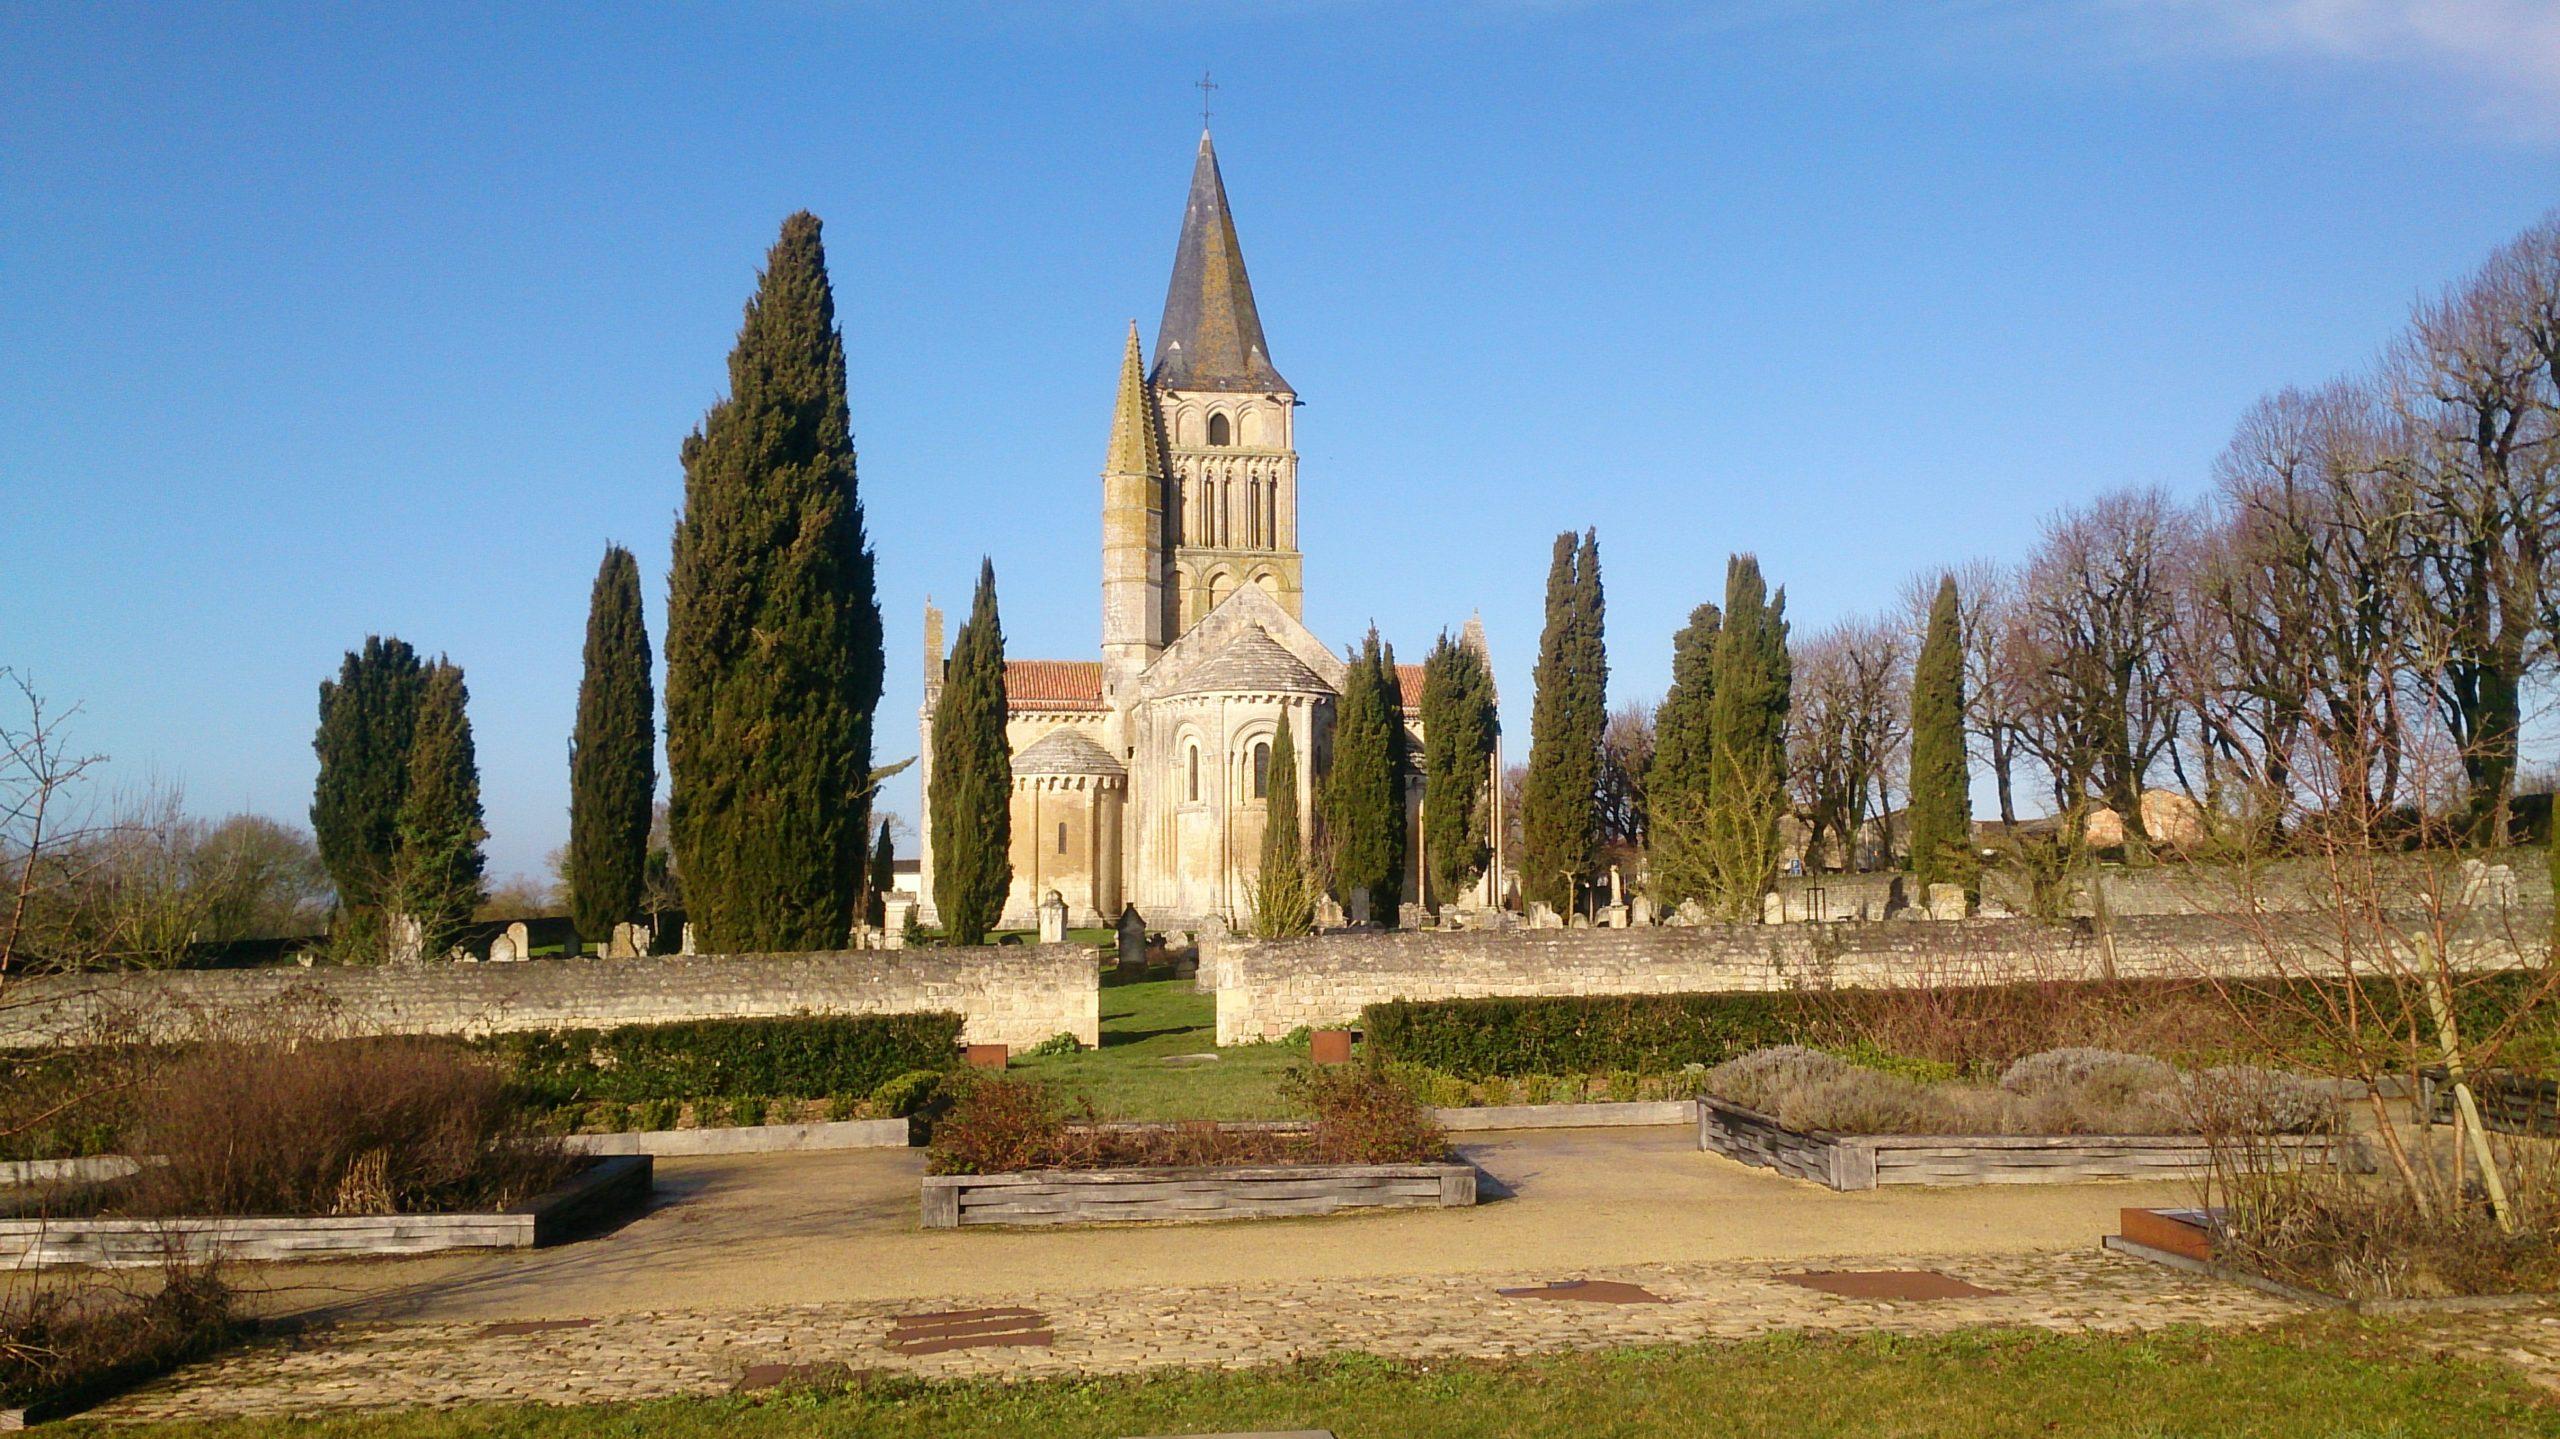 l' église Saint-Pierre d' Aulnay, joyau de l'art roman